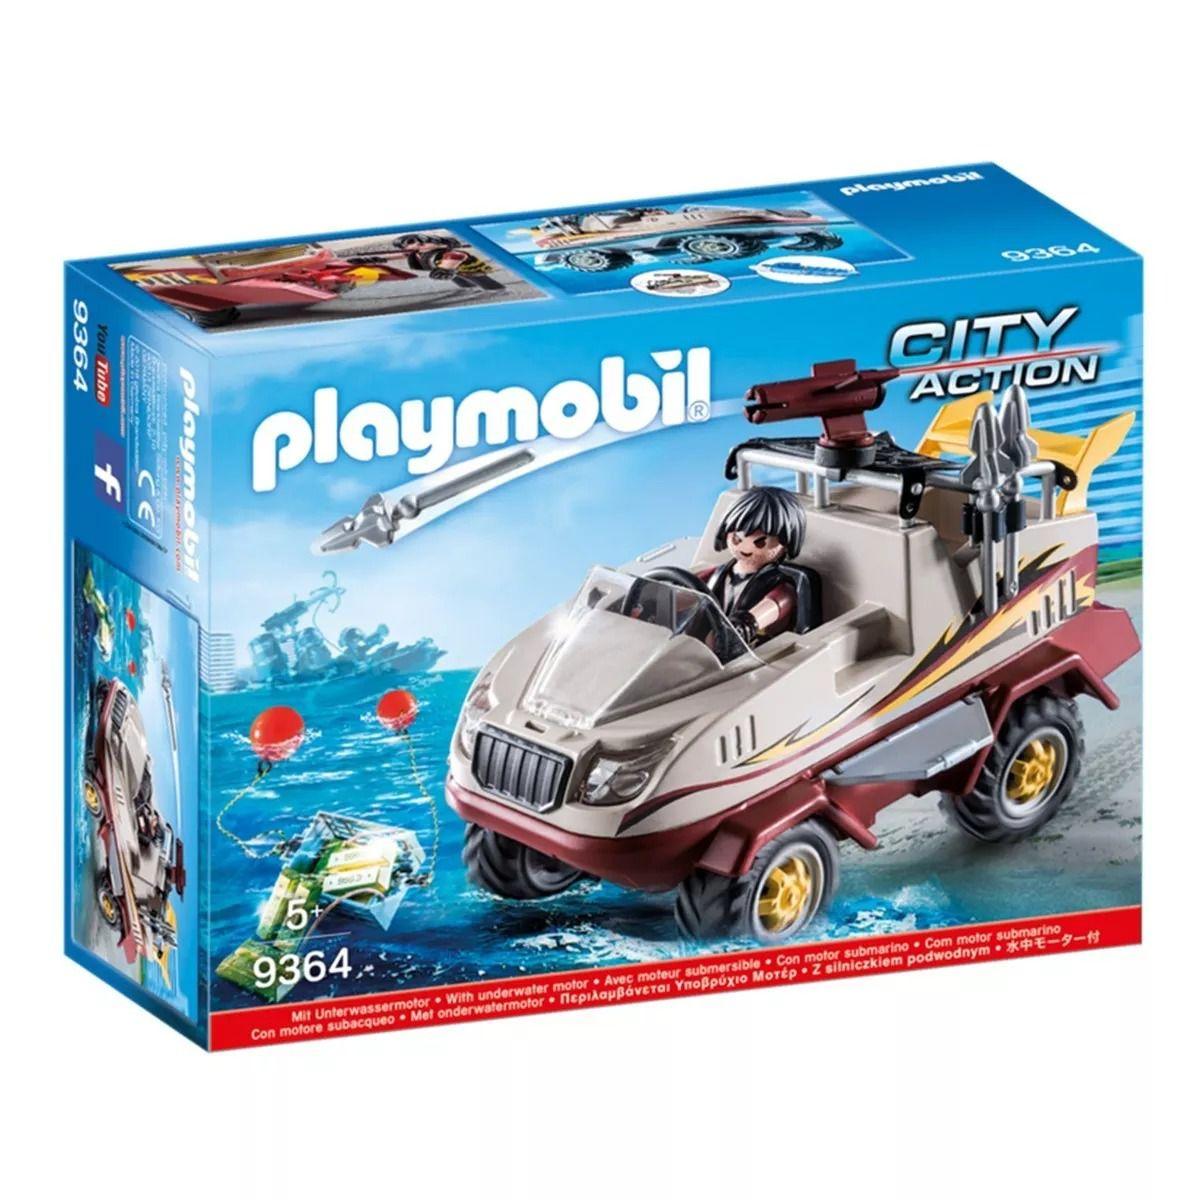 Playmobil City Action Caminhão Anfíbio Flutua e Com Motor Subaquatico - Sunny